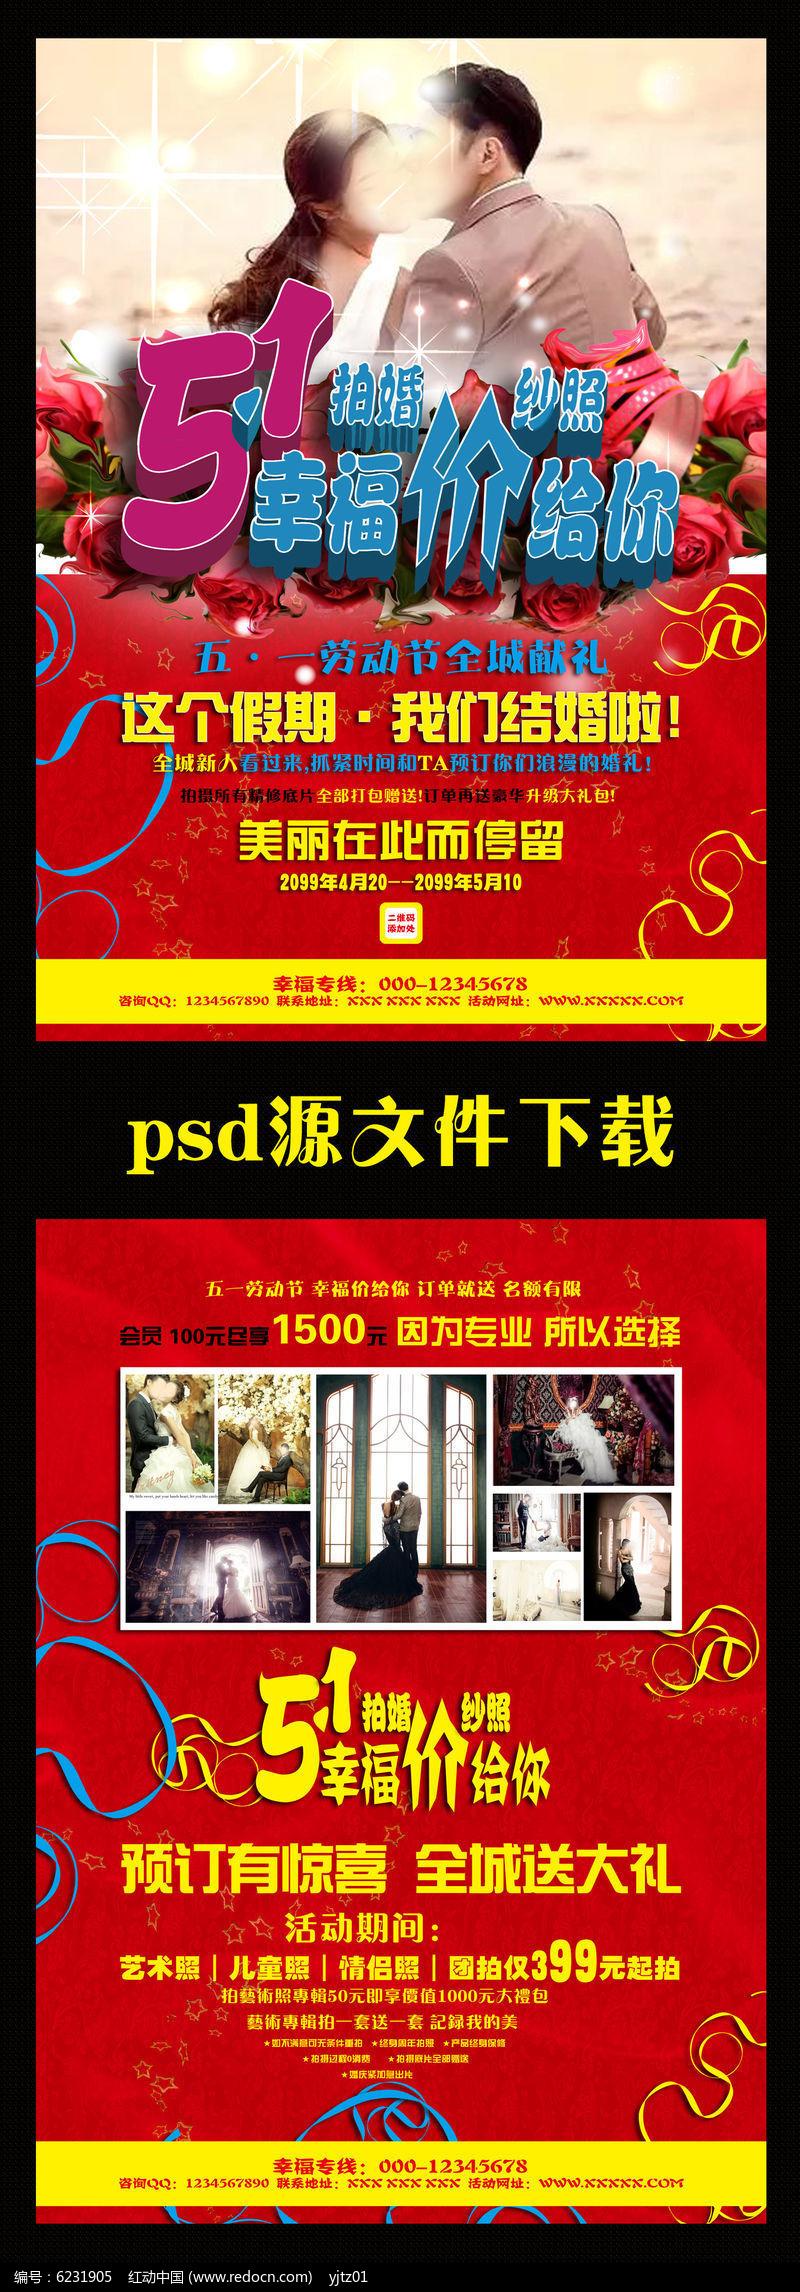 51劳动节婚纱影楼活动宣传单DM图片